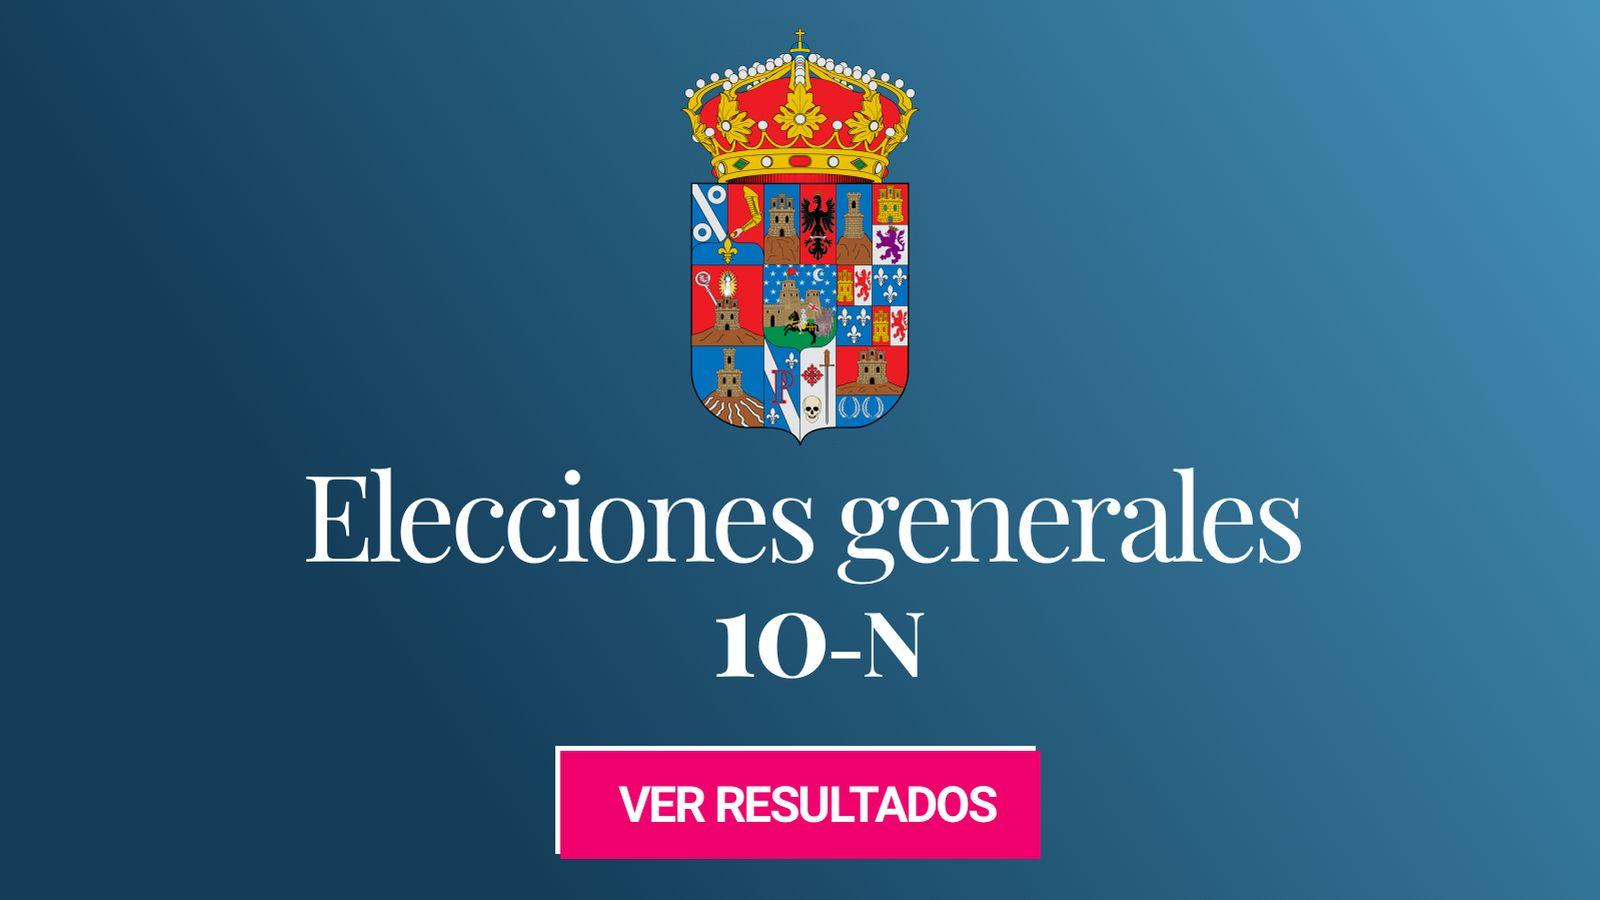 Foto: Elecciones generales 2019 en la provincia de Guadalajara. (C.C./HansenBCN)